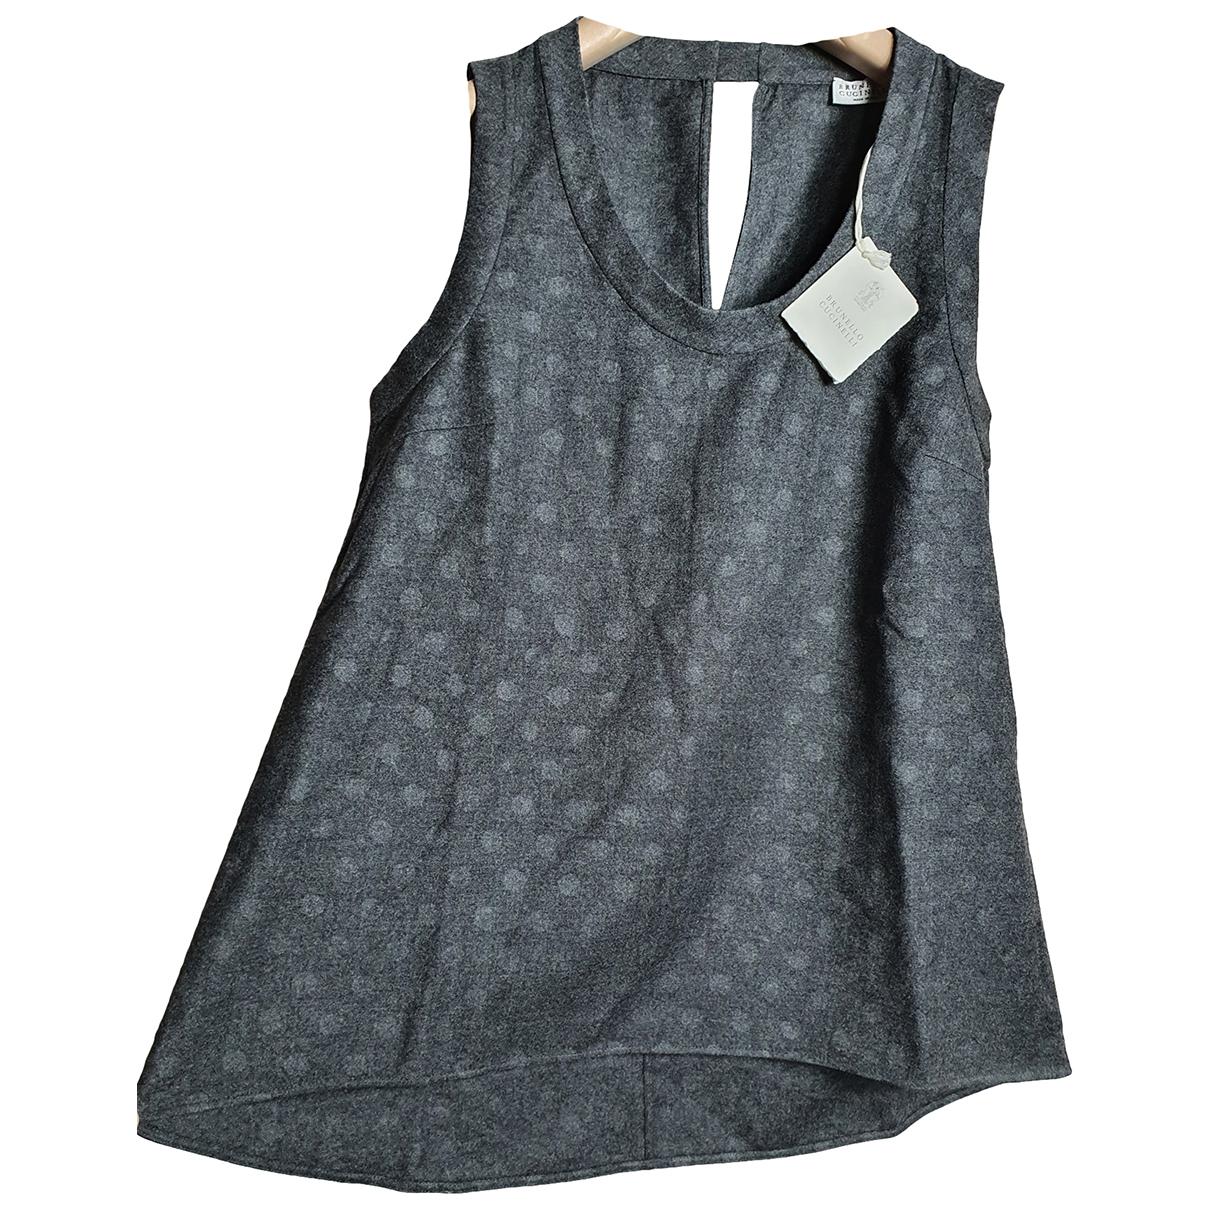 Brunello Cucinelli - Top   pour femme en laine - anthracite